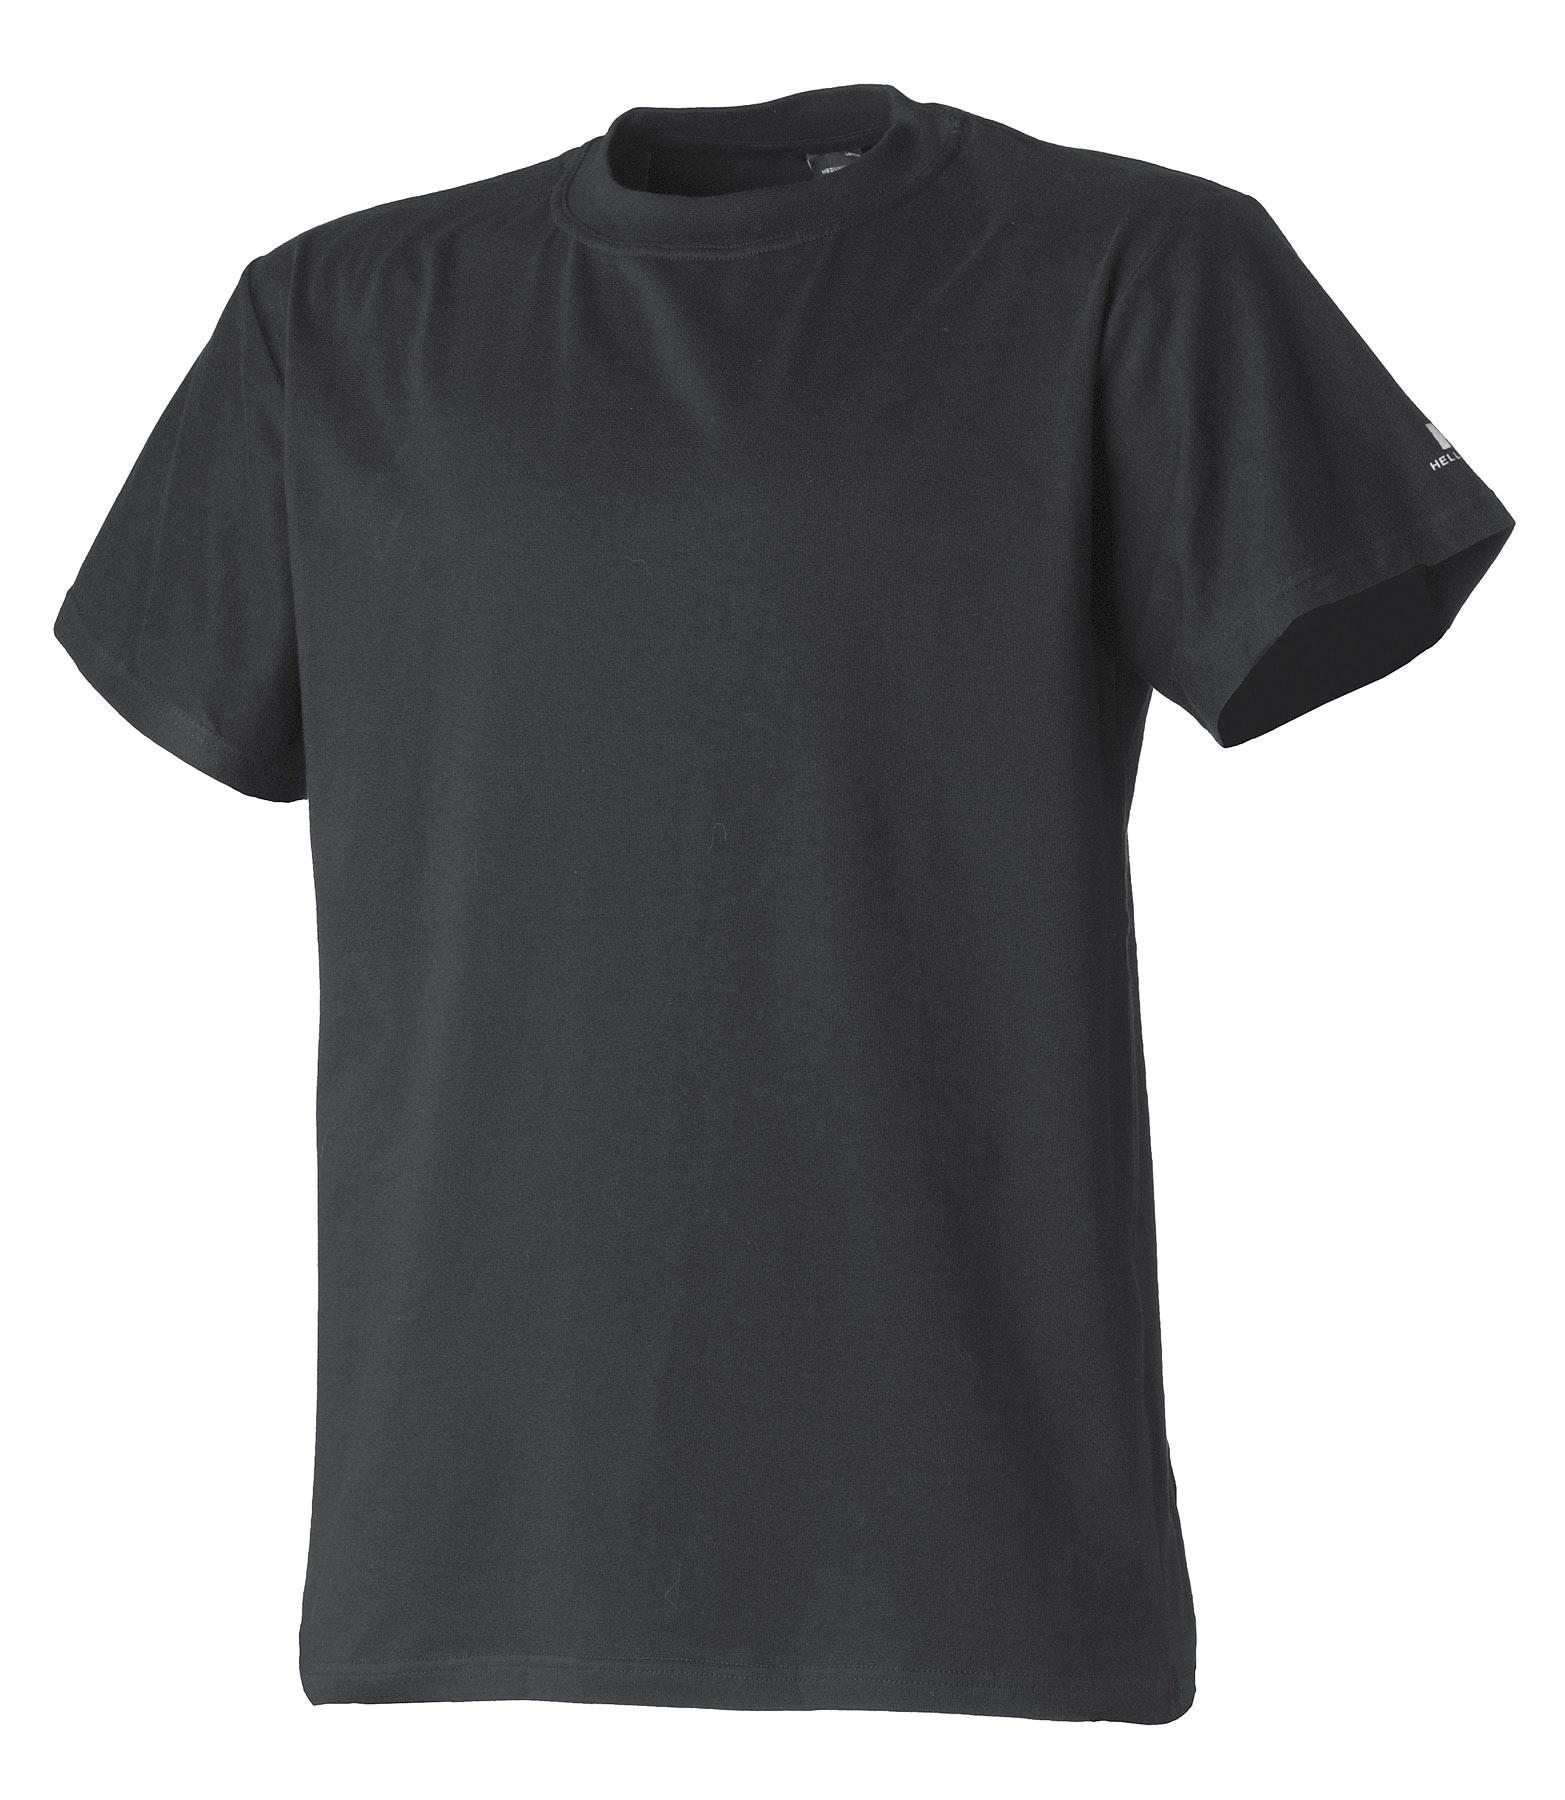 T-Shirt Helly Hansen Svart L Manchester